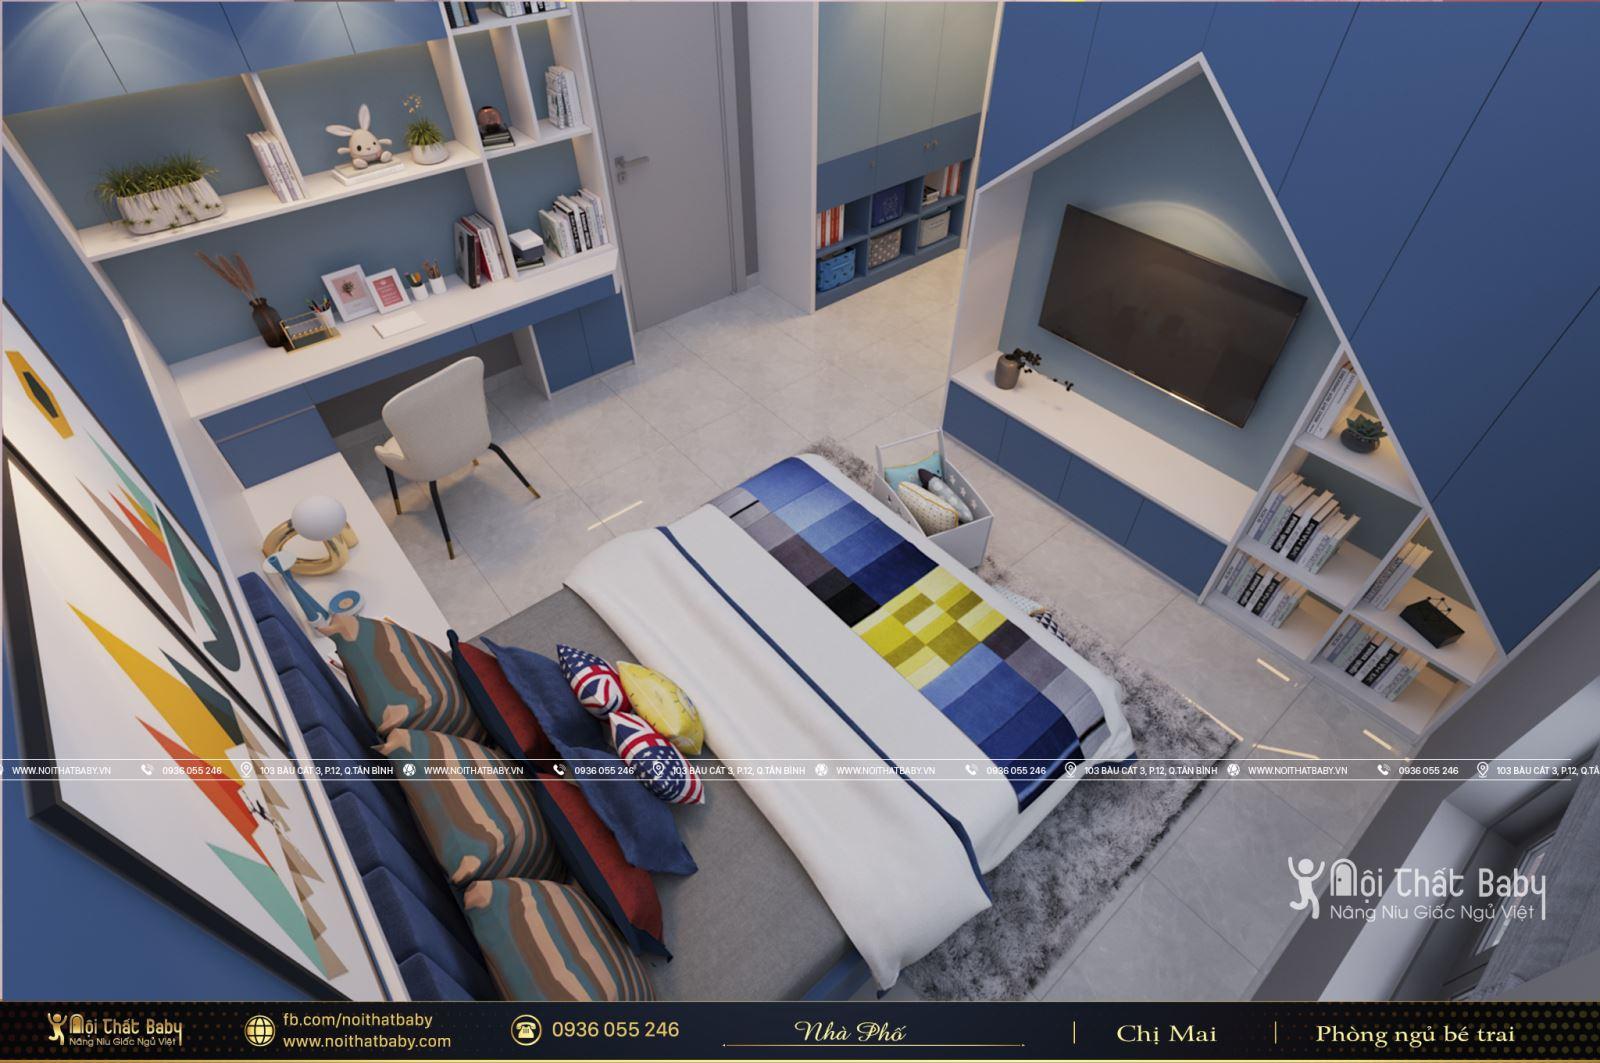 Mẫu phòng ngủ bé trai ấn tượng tại Tây Ninh